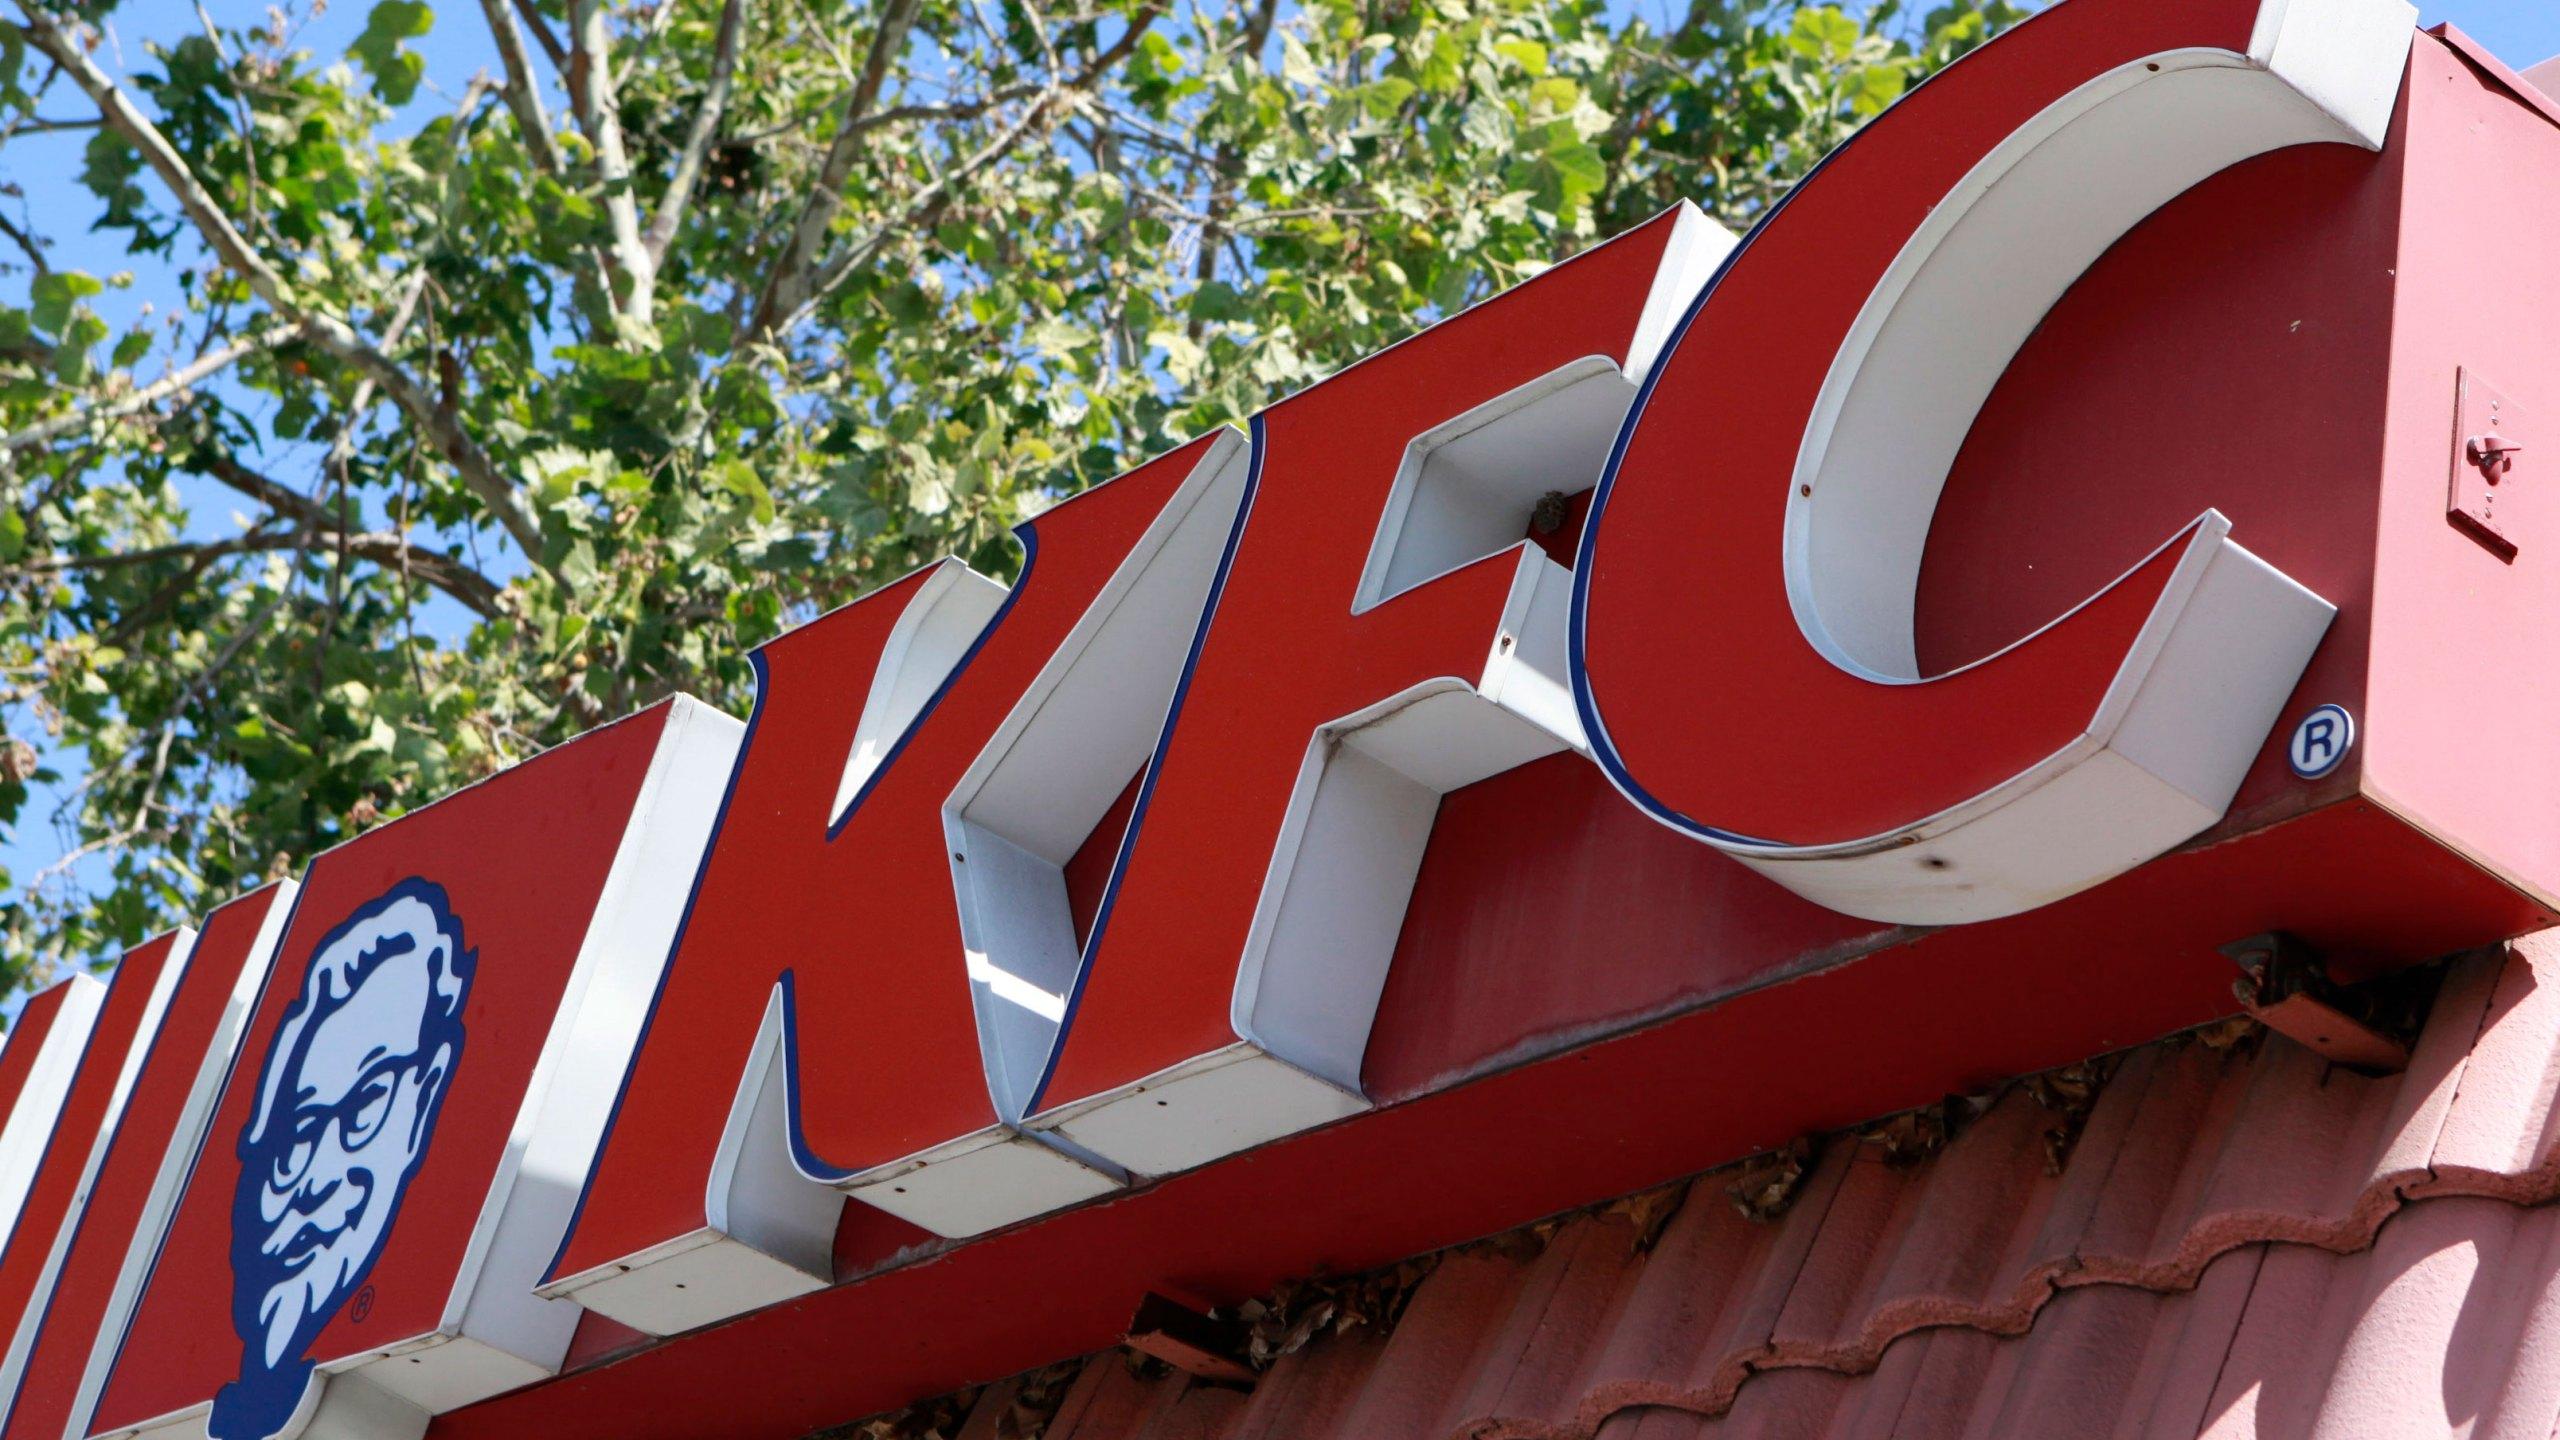 KFC-logo_1548105092746.jpg